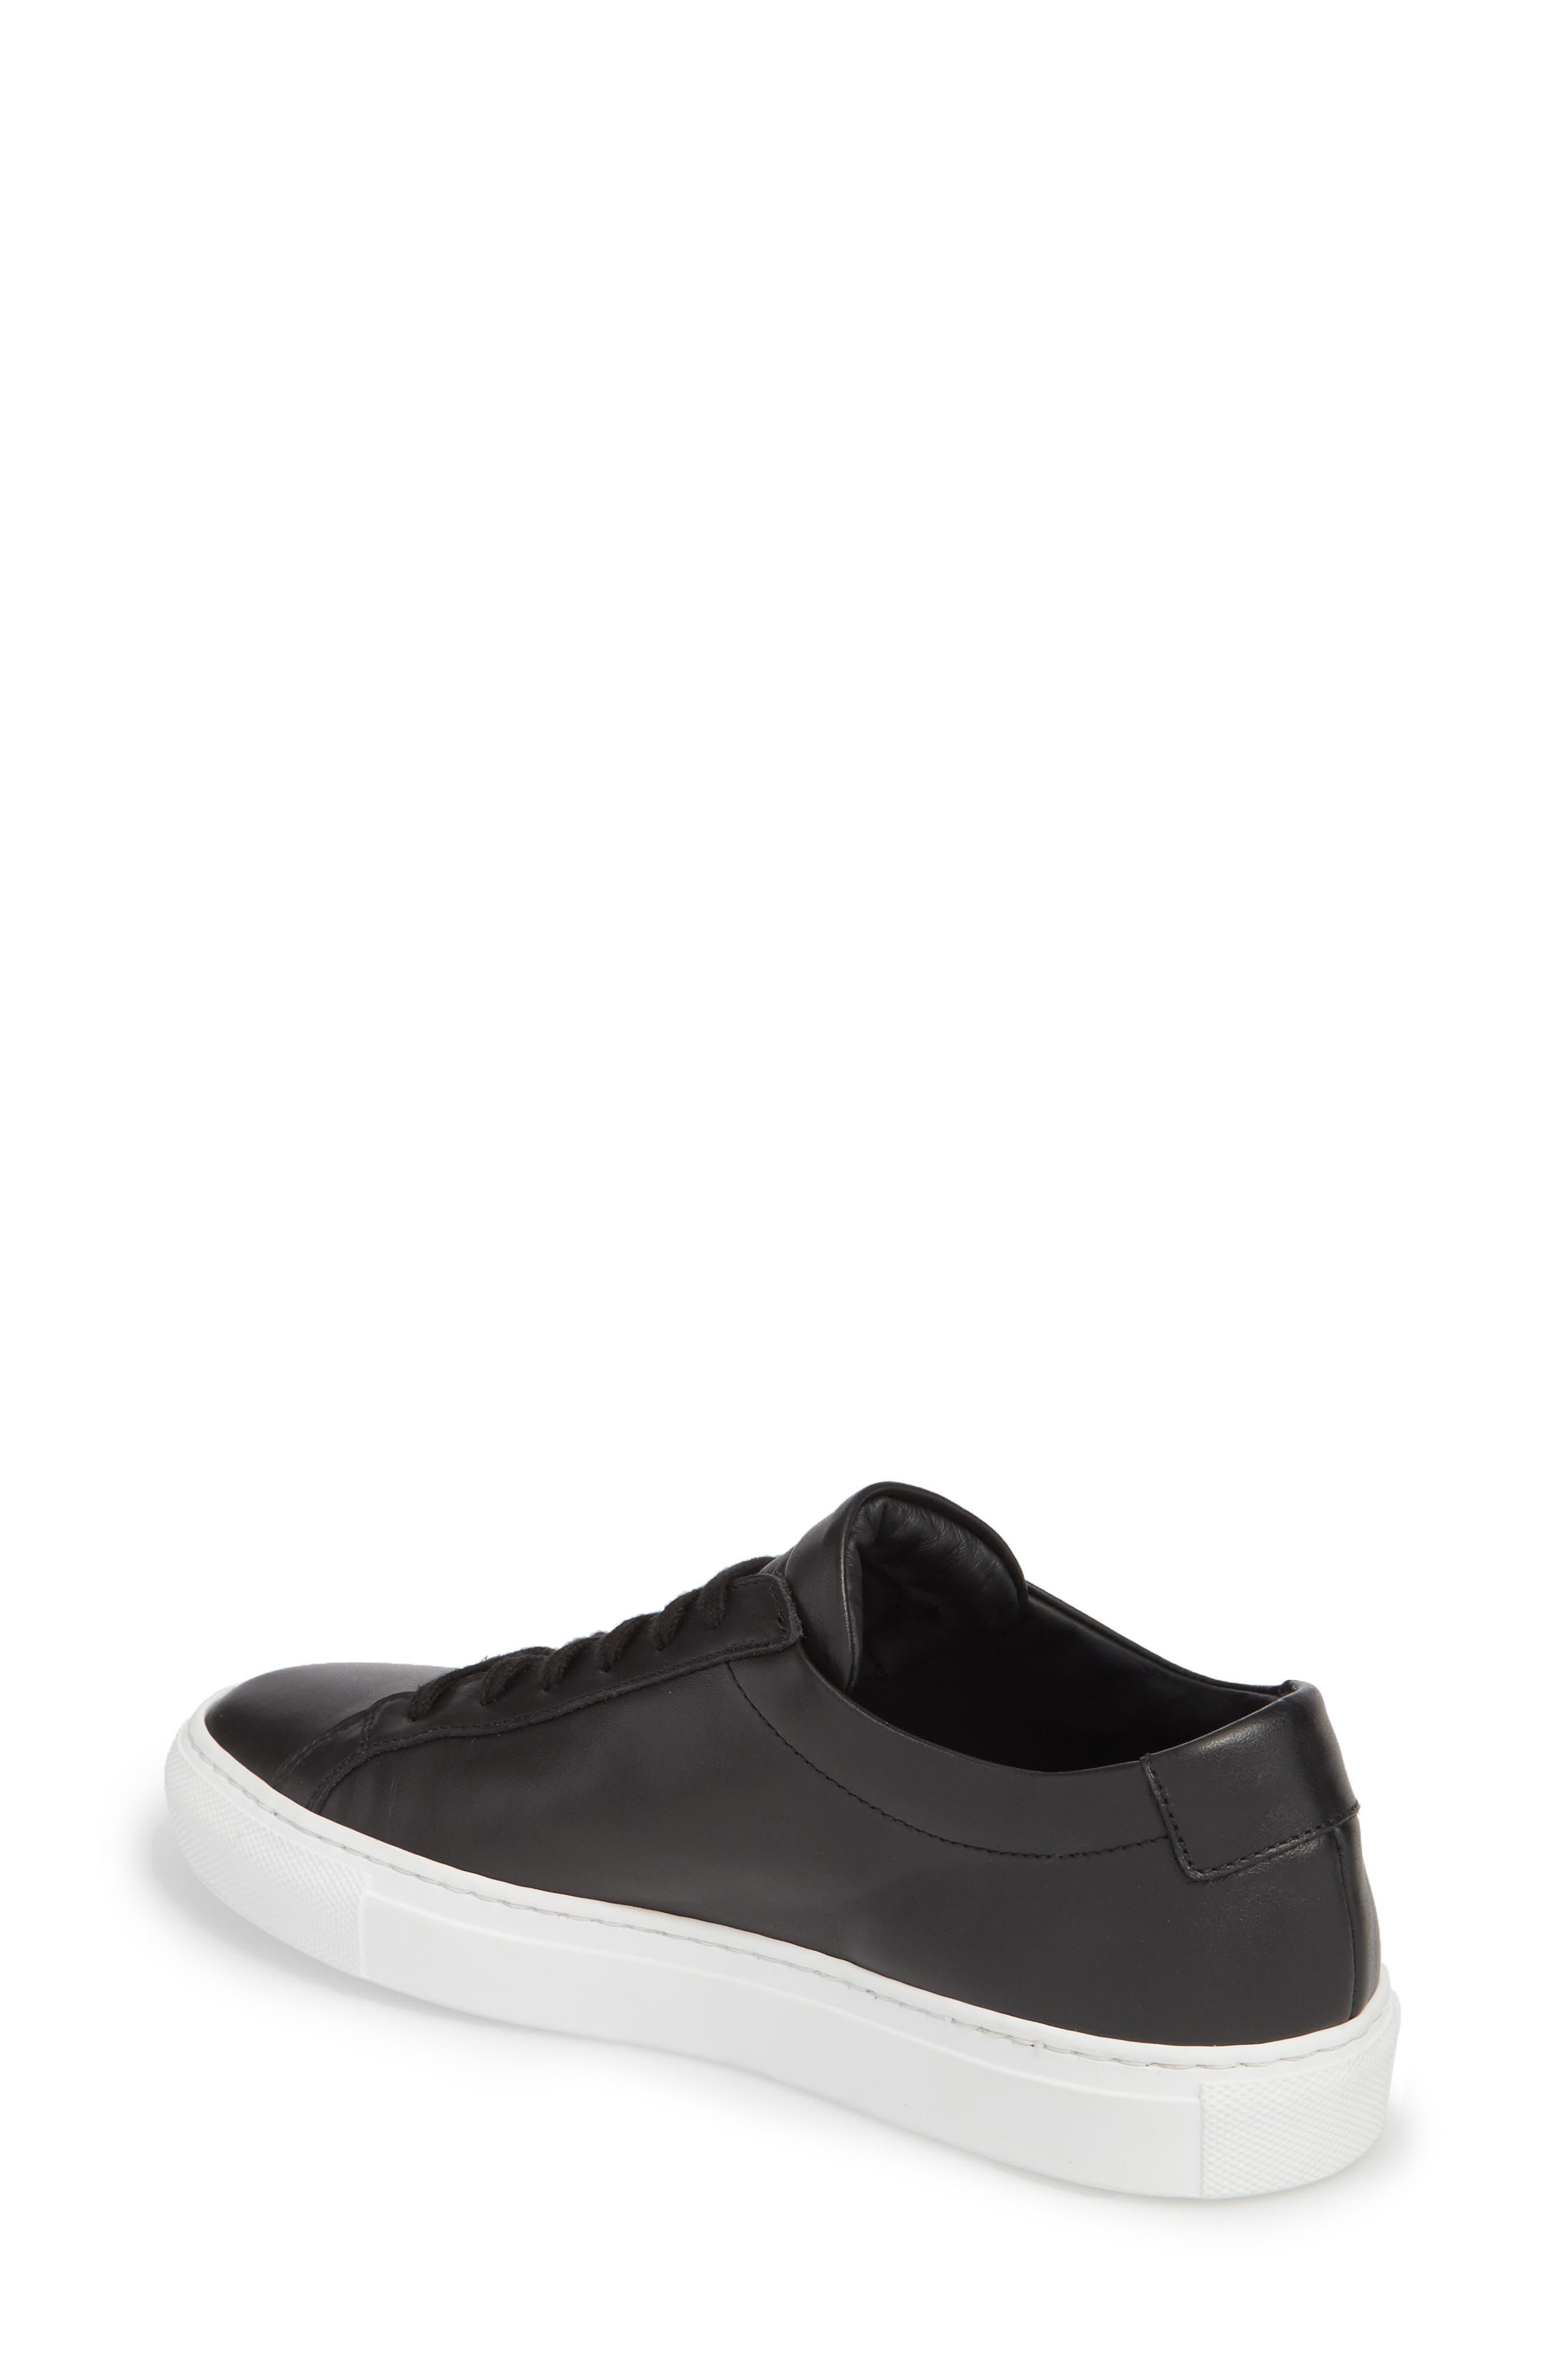 Original Achilles Low Sneaker,                             Alternate thumbnail 5, color,                             Black